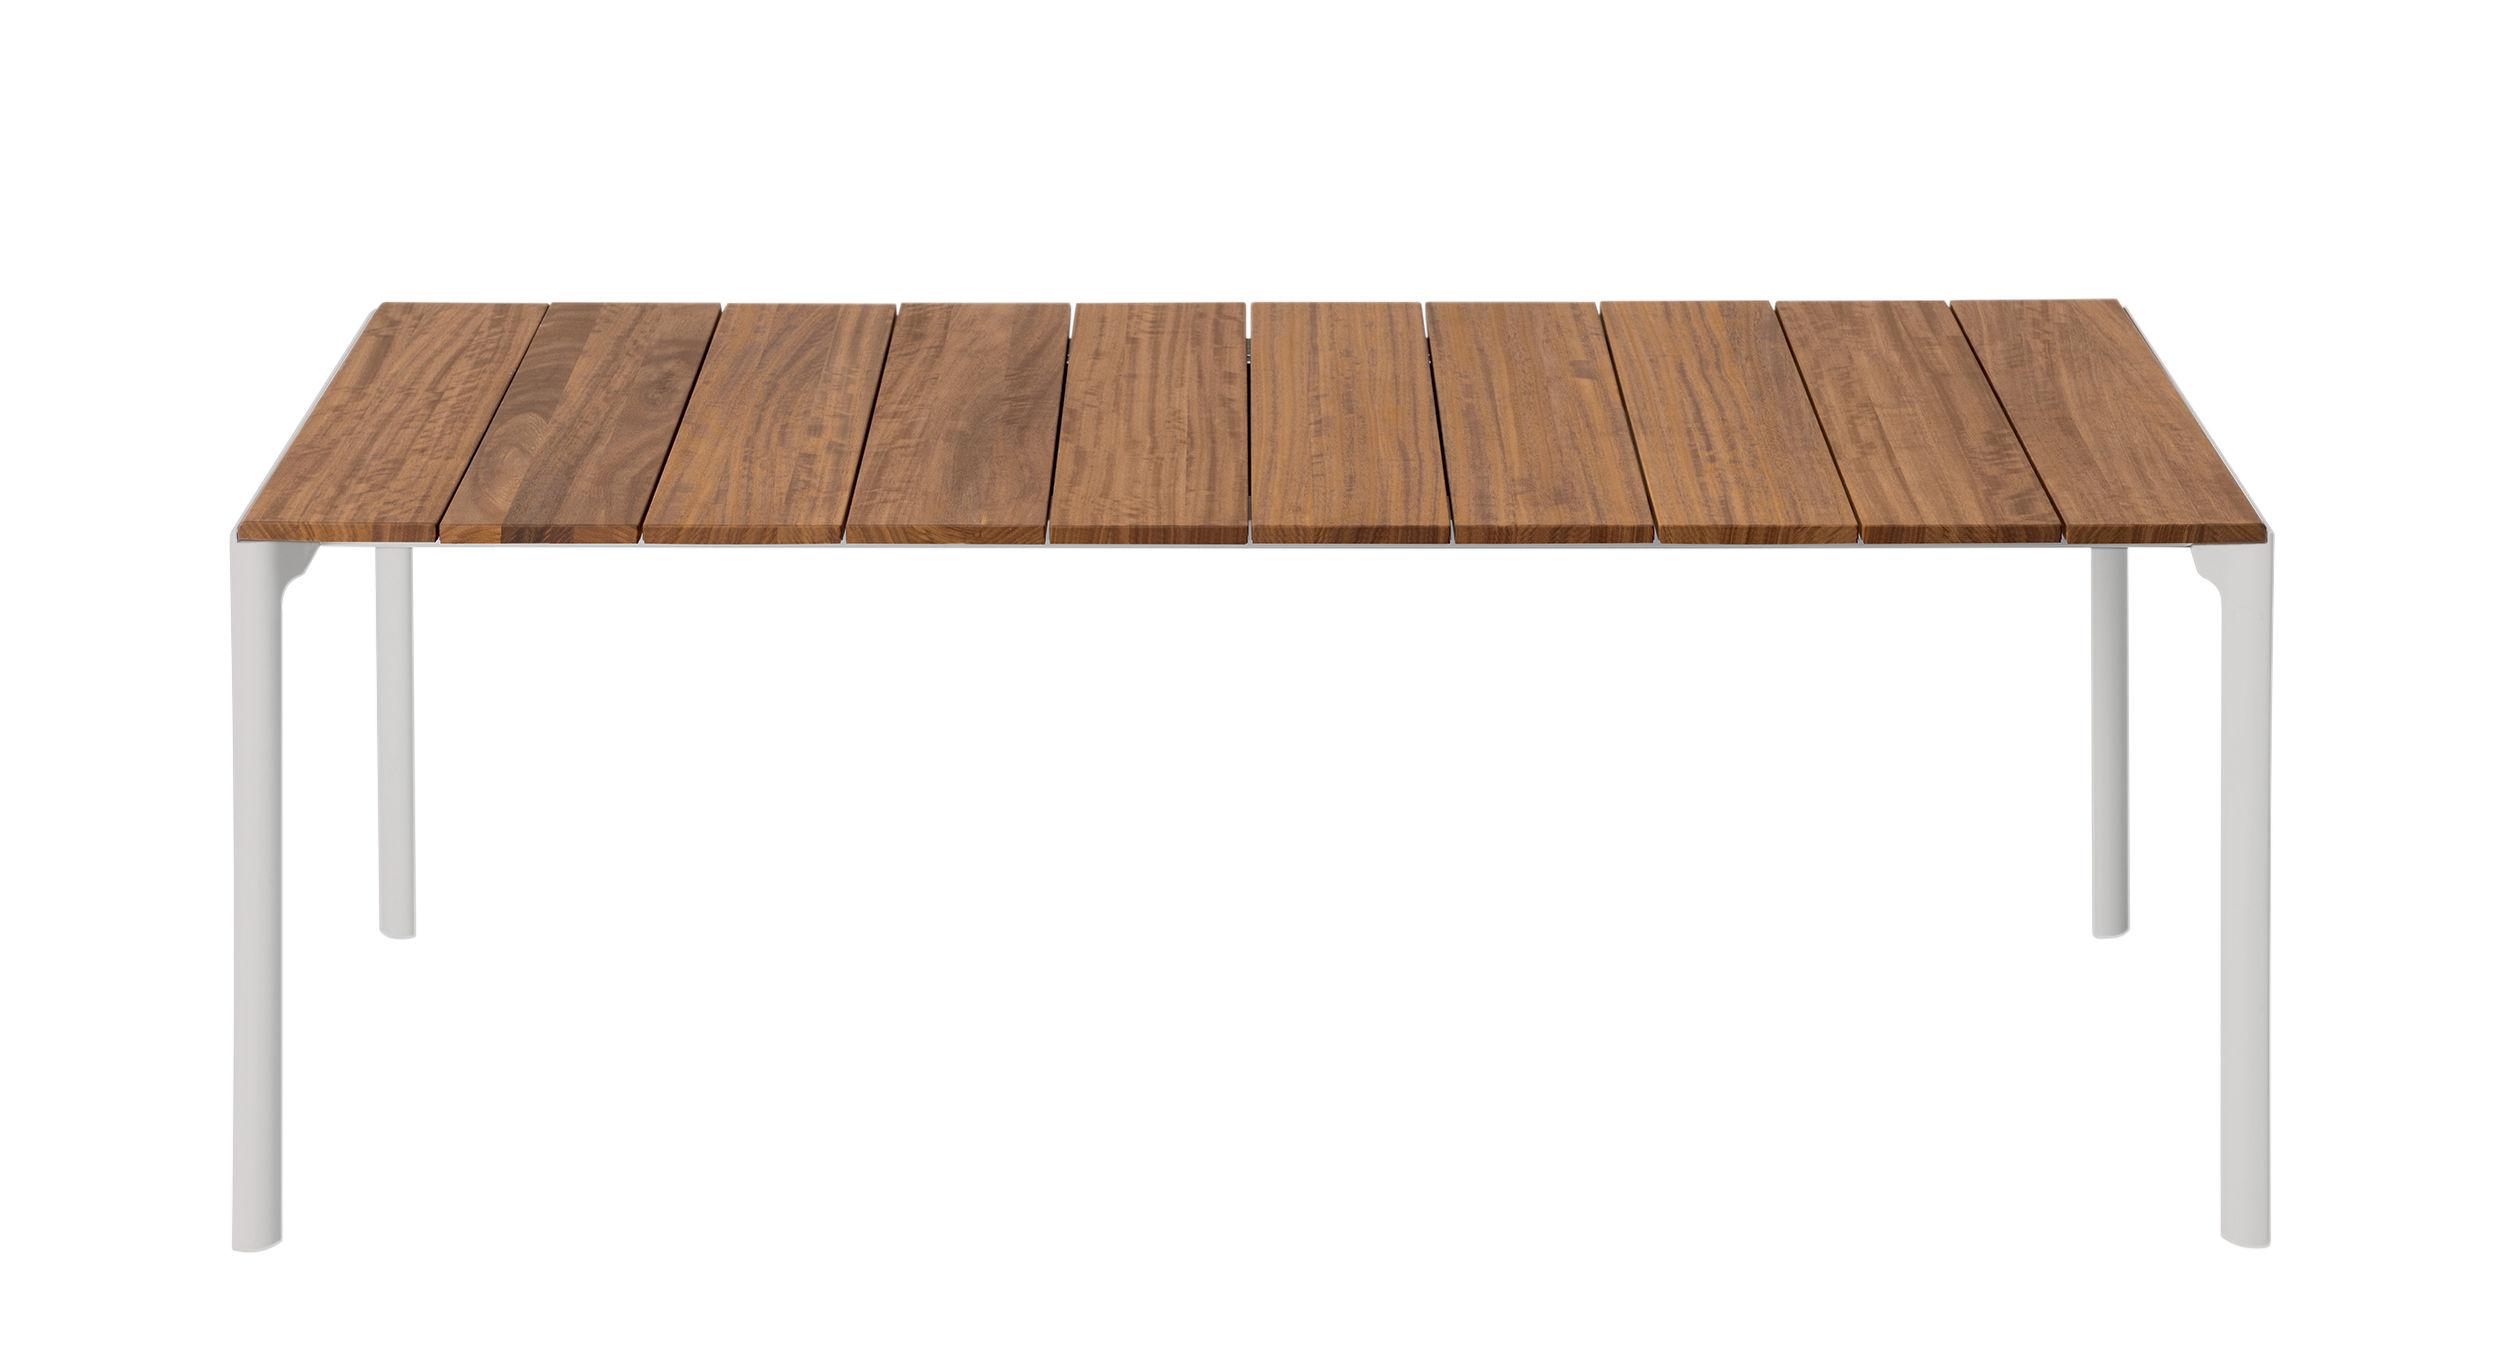 Outdoor - Tavoli  - Tavolo rettangolare Maki - / Teck - 199 x 90 cm di Kristalia - Teck / bianco - Alluminio laccato, Teck